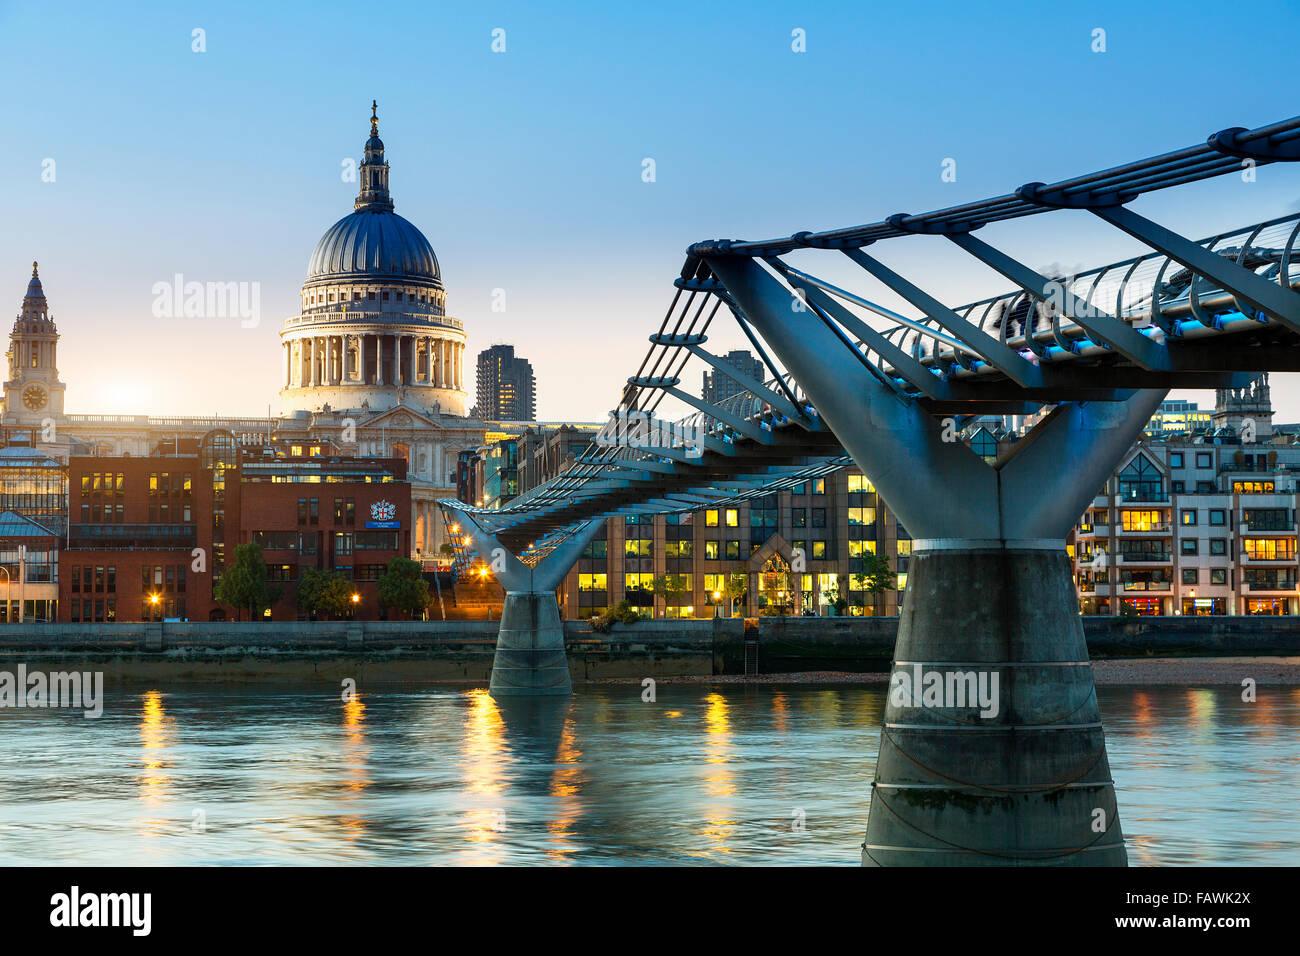 Londra, il Millennium bridge al tramonto Immagini Stock